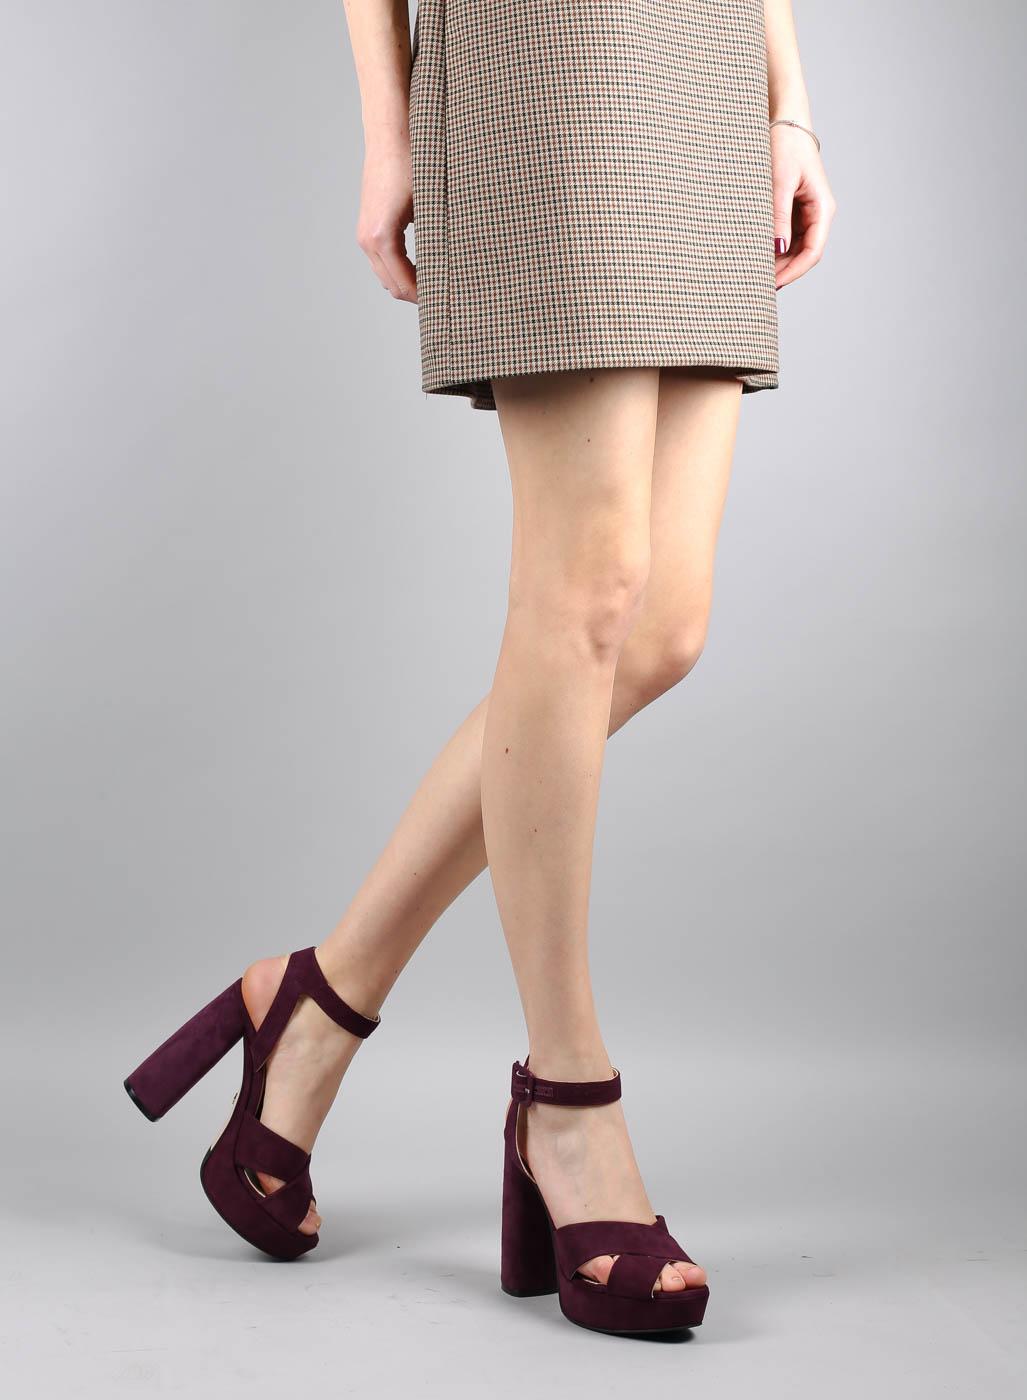 Купить обувь недорого в интернетмагазине MidaShop Мида